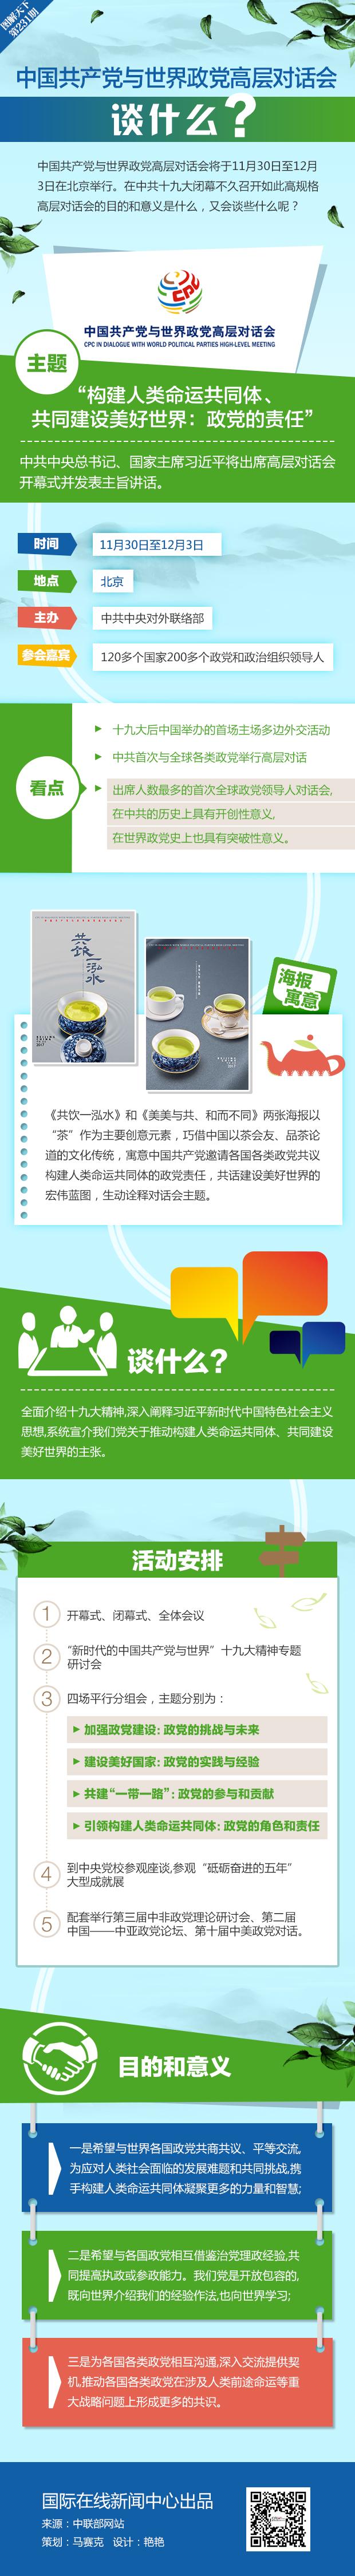 中国共产党与世界政党高层对话会谈什么?